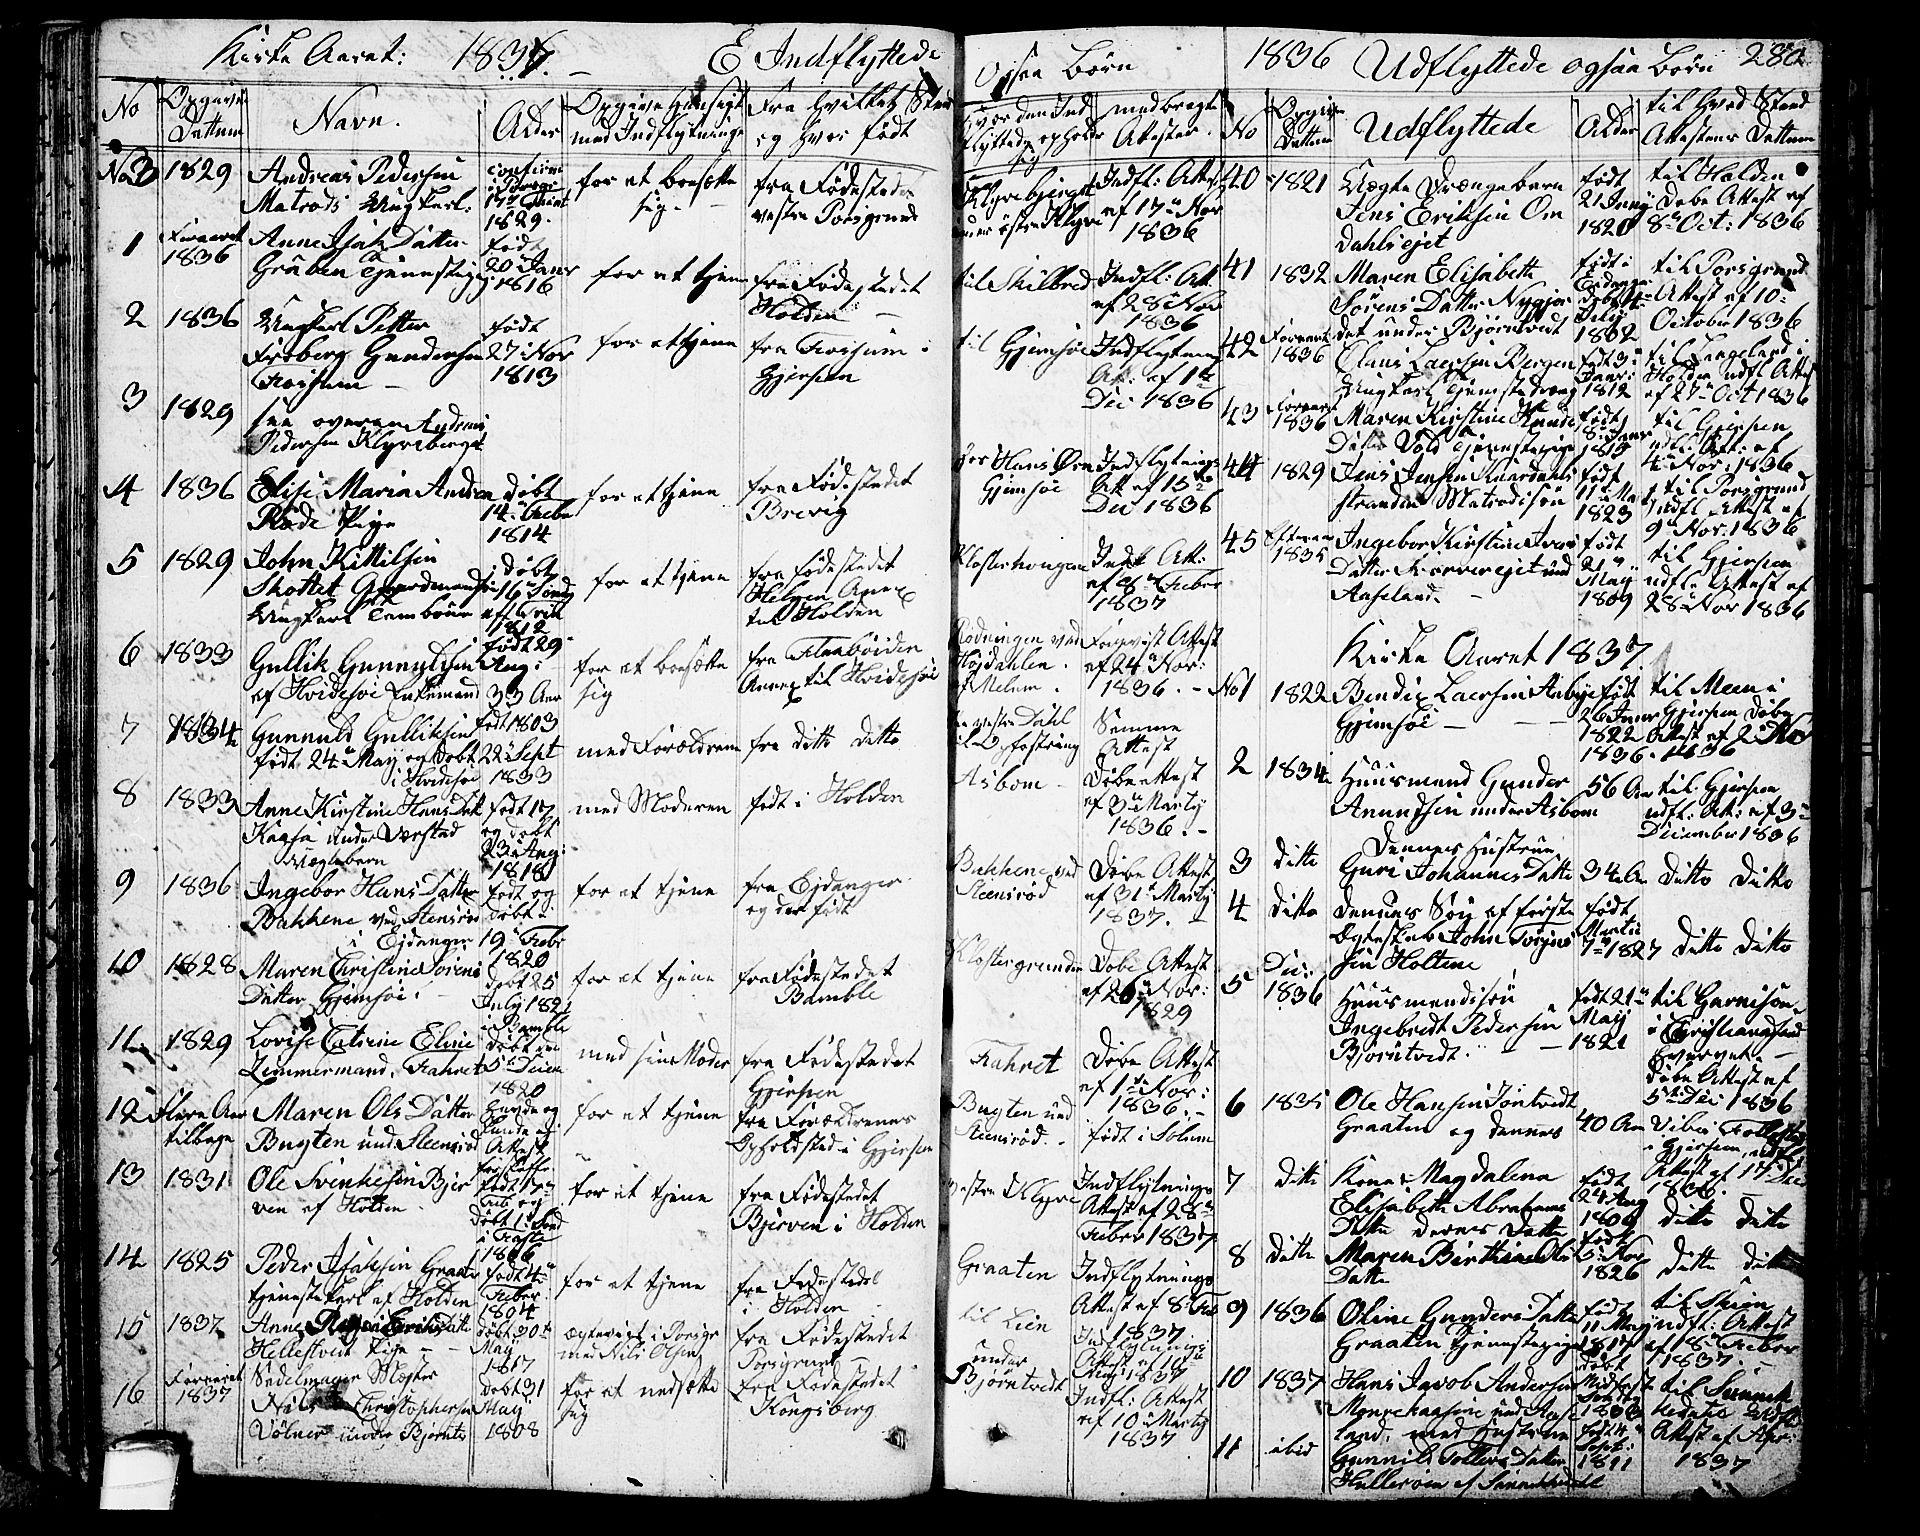 SAKO, Solum kirkebøker, G/Ga/L0002: Klokkerbok nr. I 2, 1834-1848, s. 280